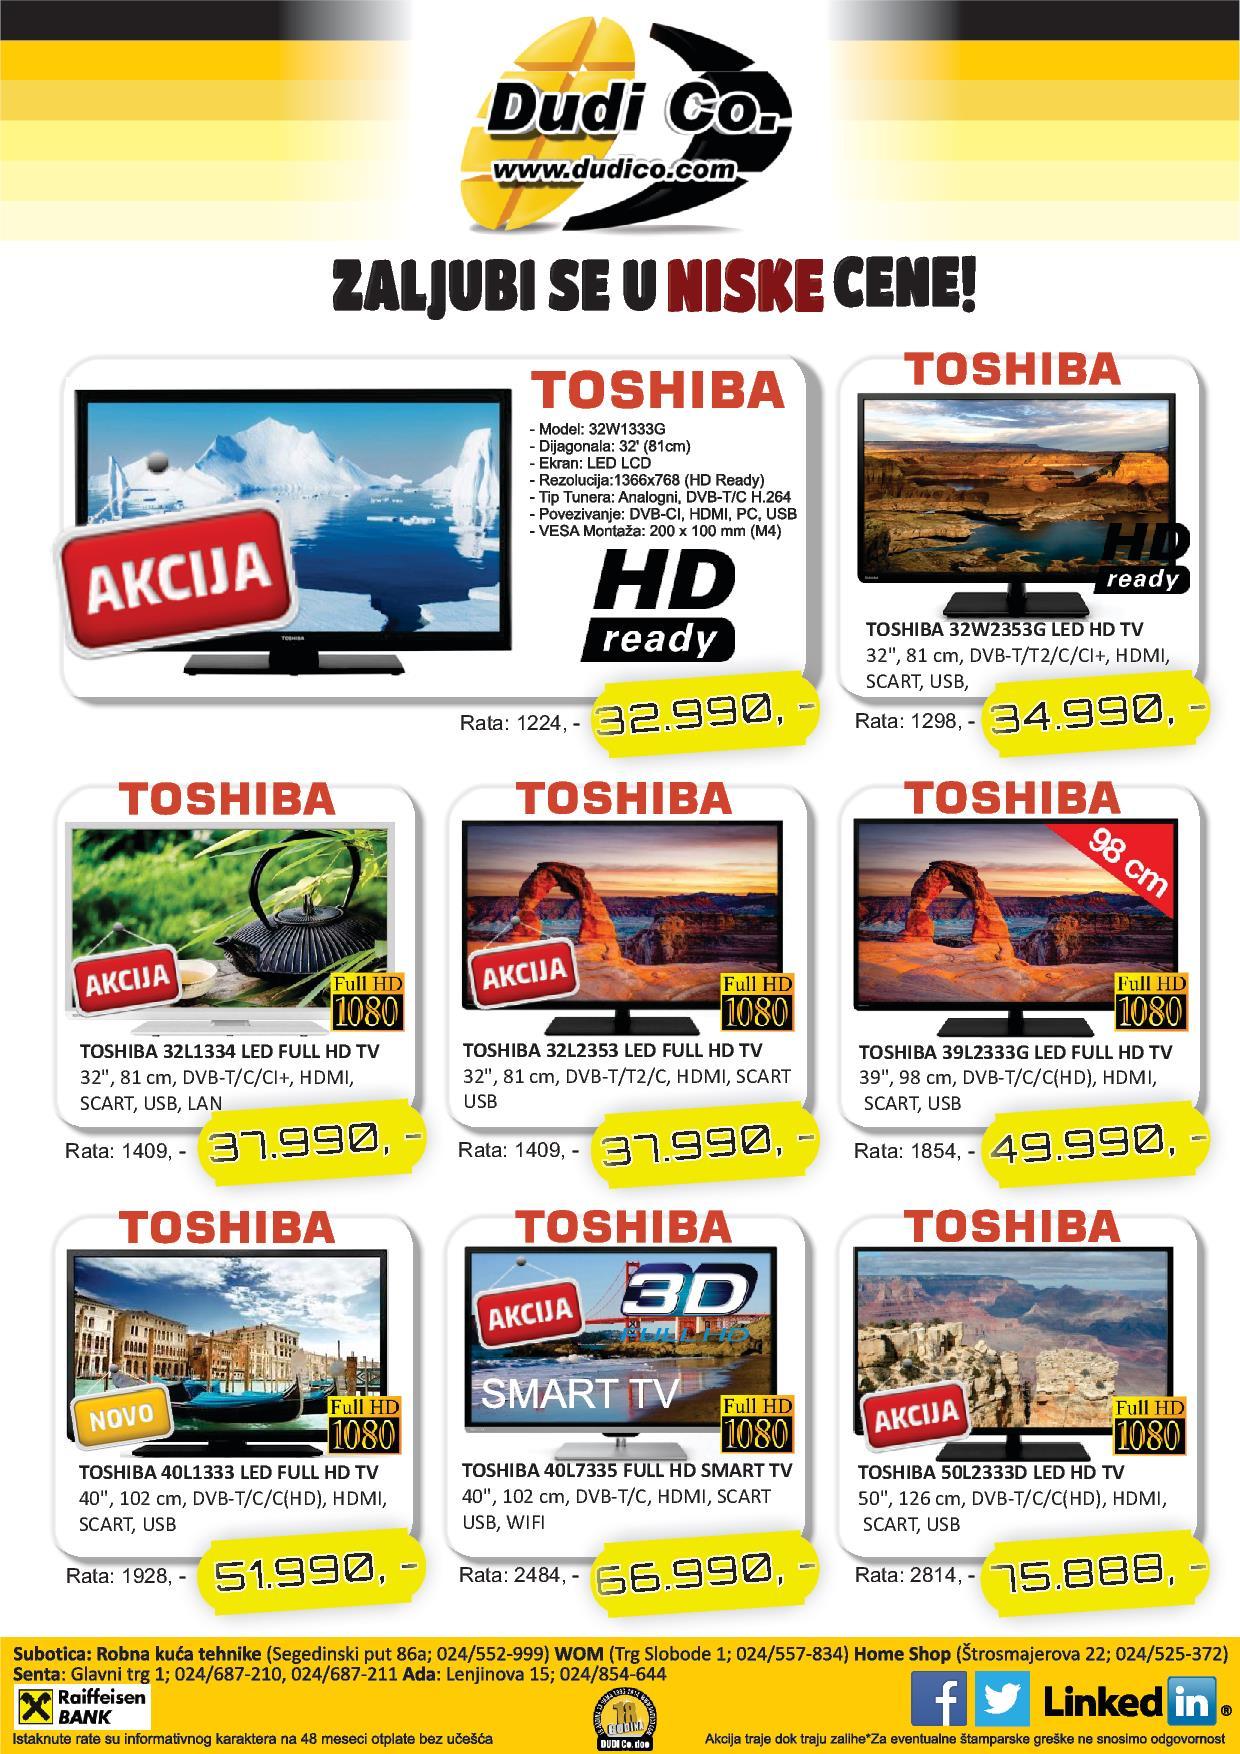 Dudico akcija super ponuda TV uređaja